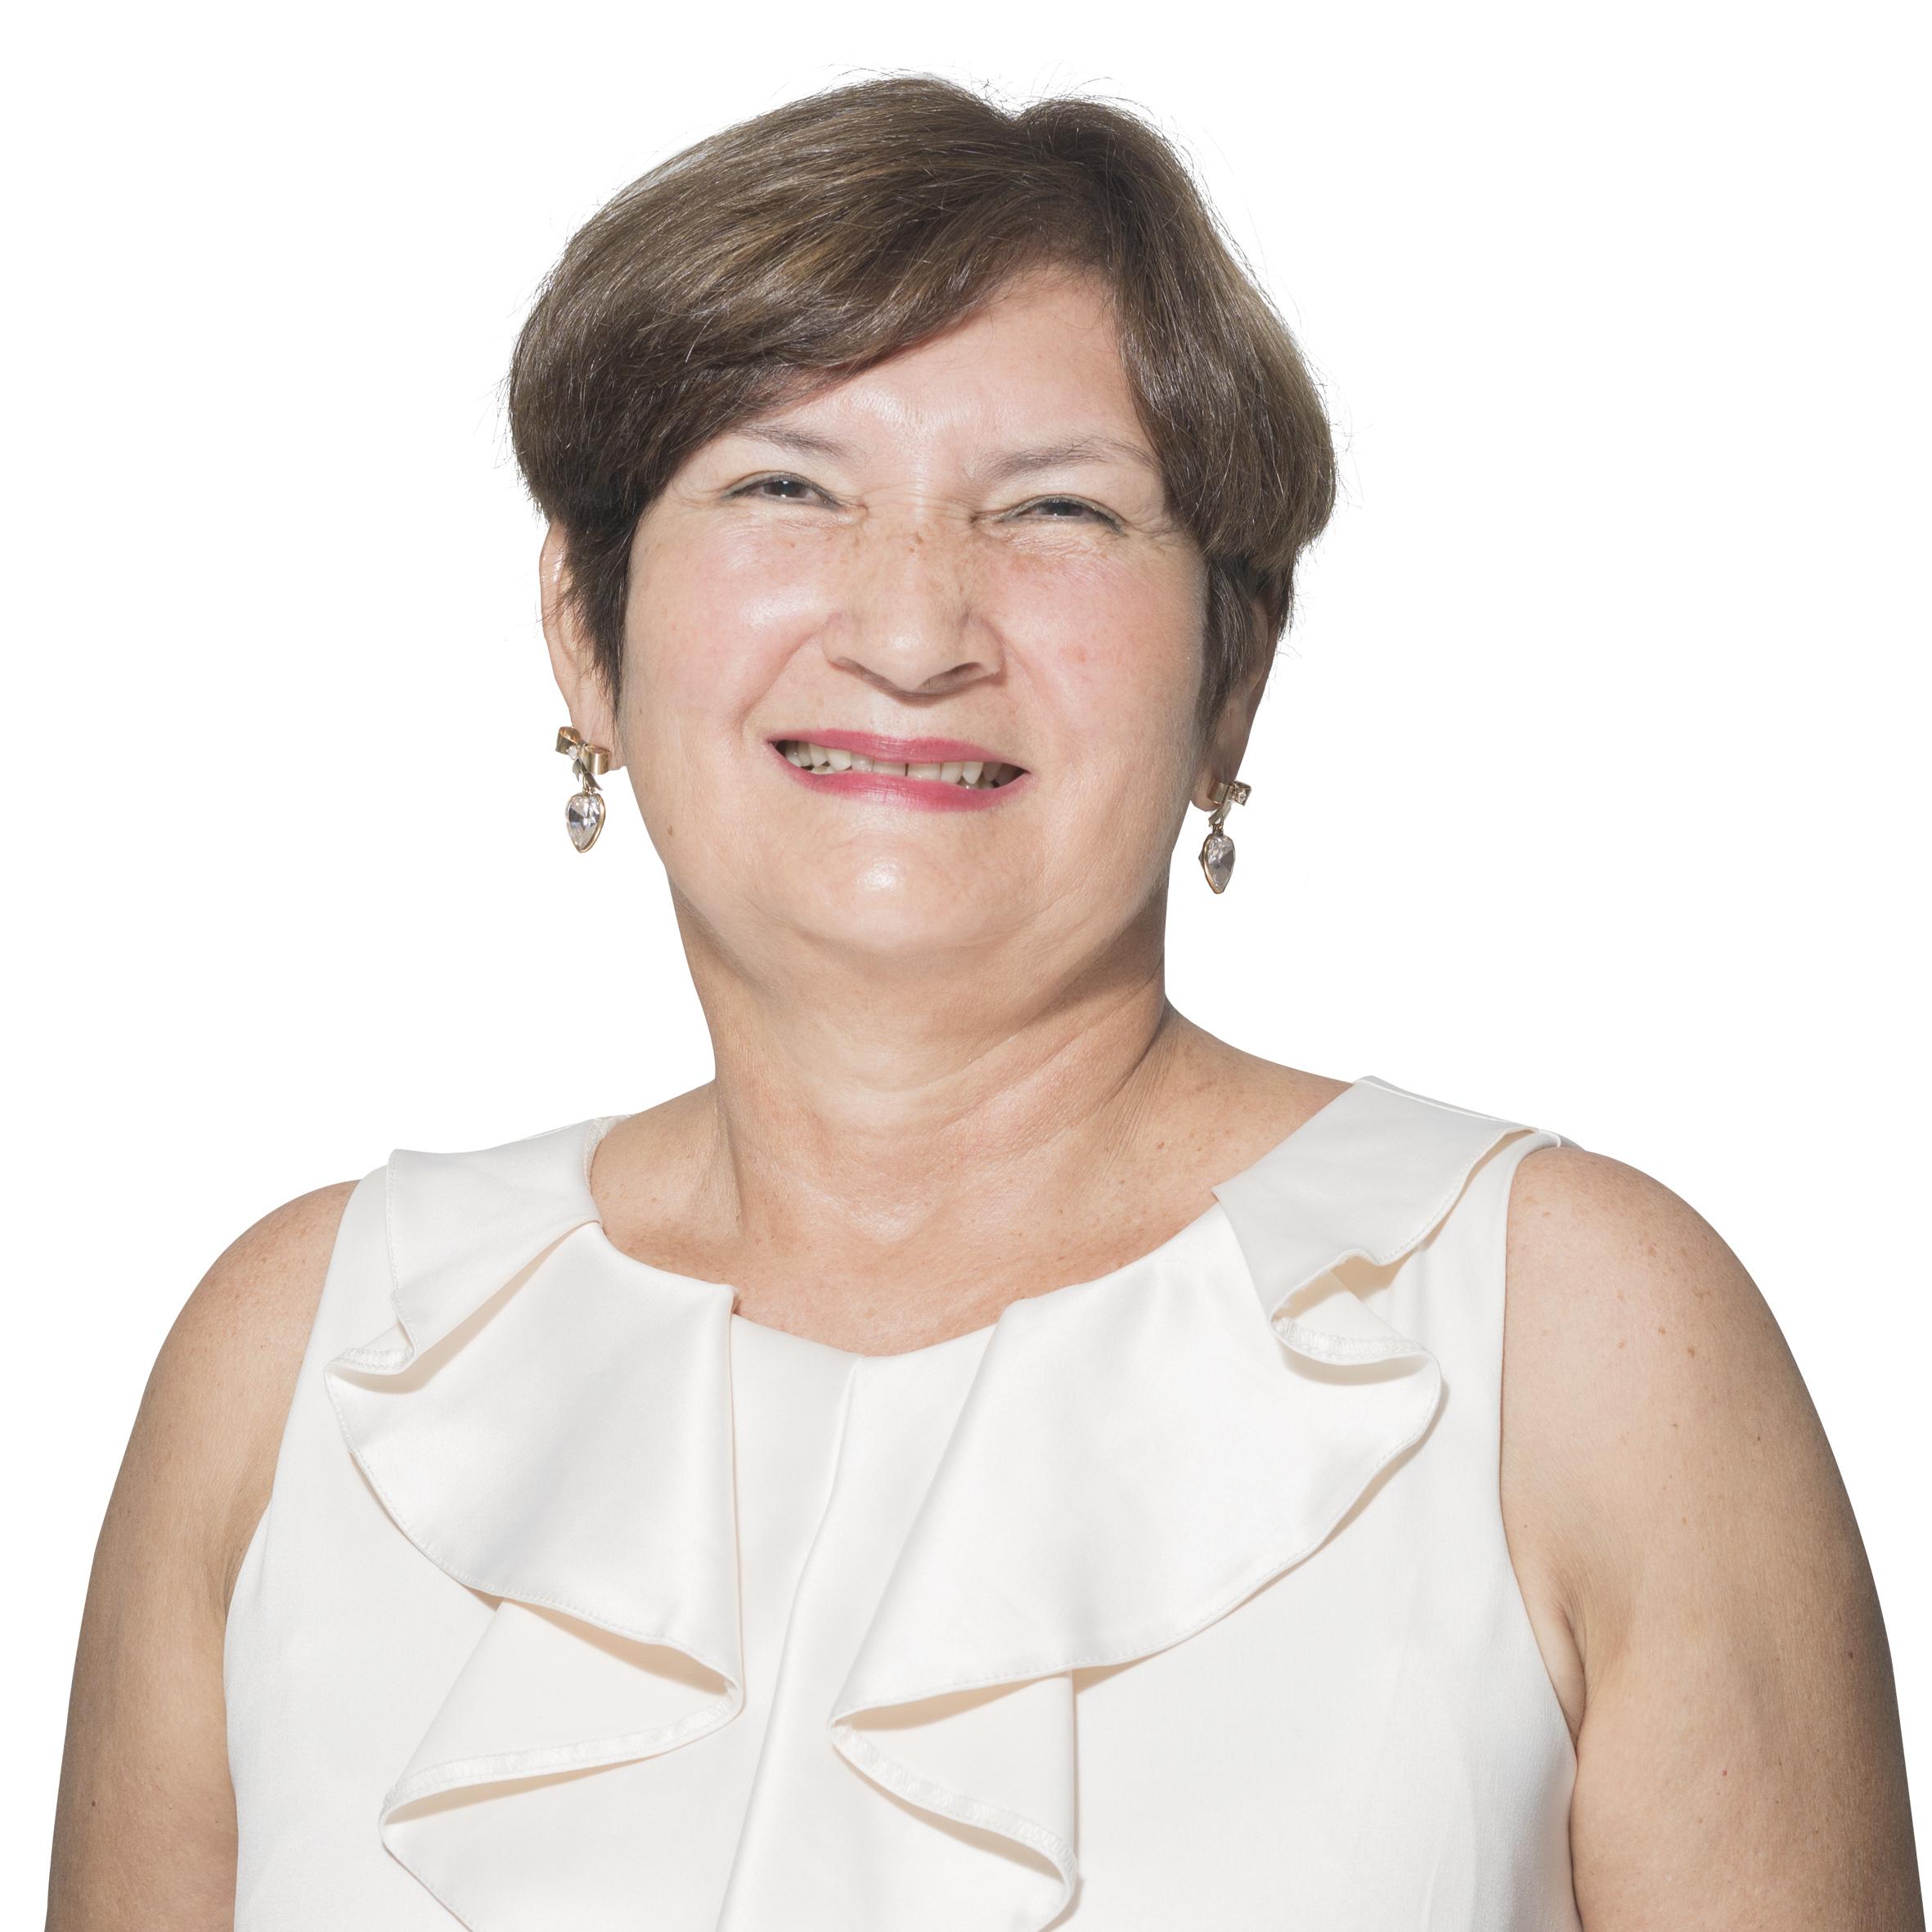 Fanny Morales